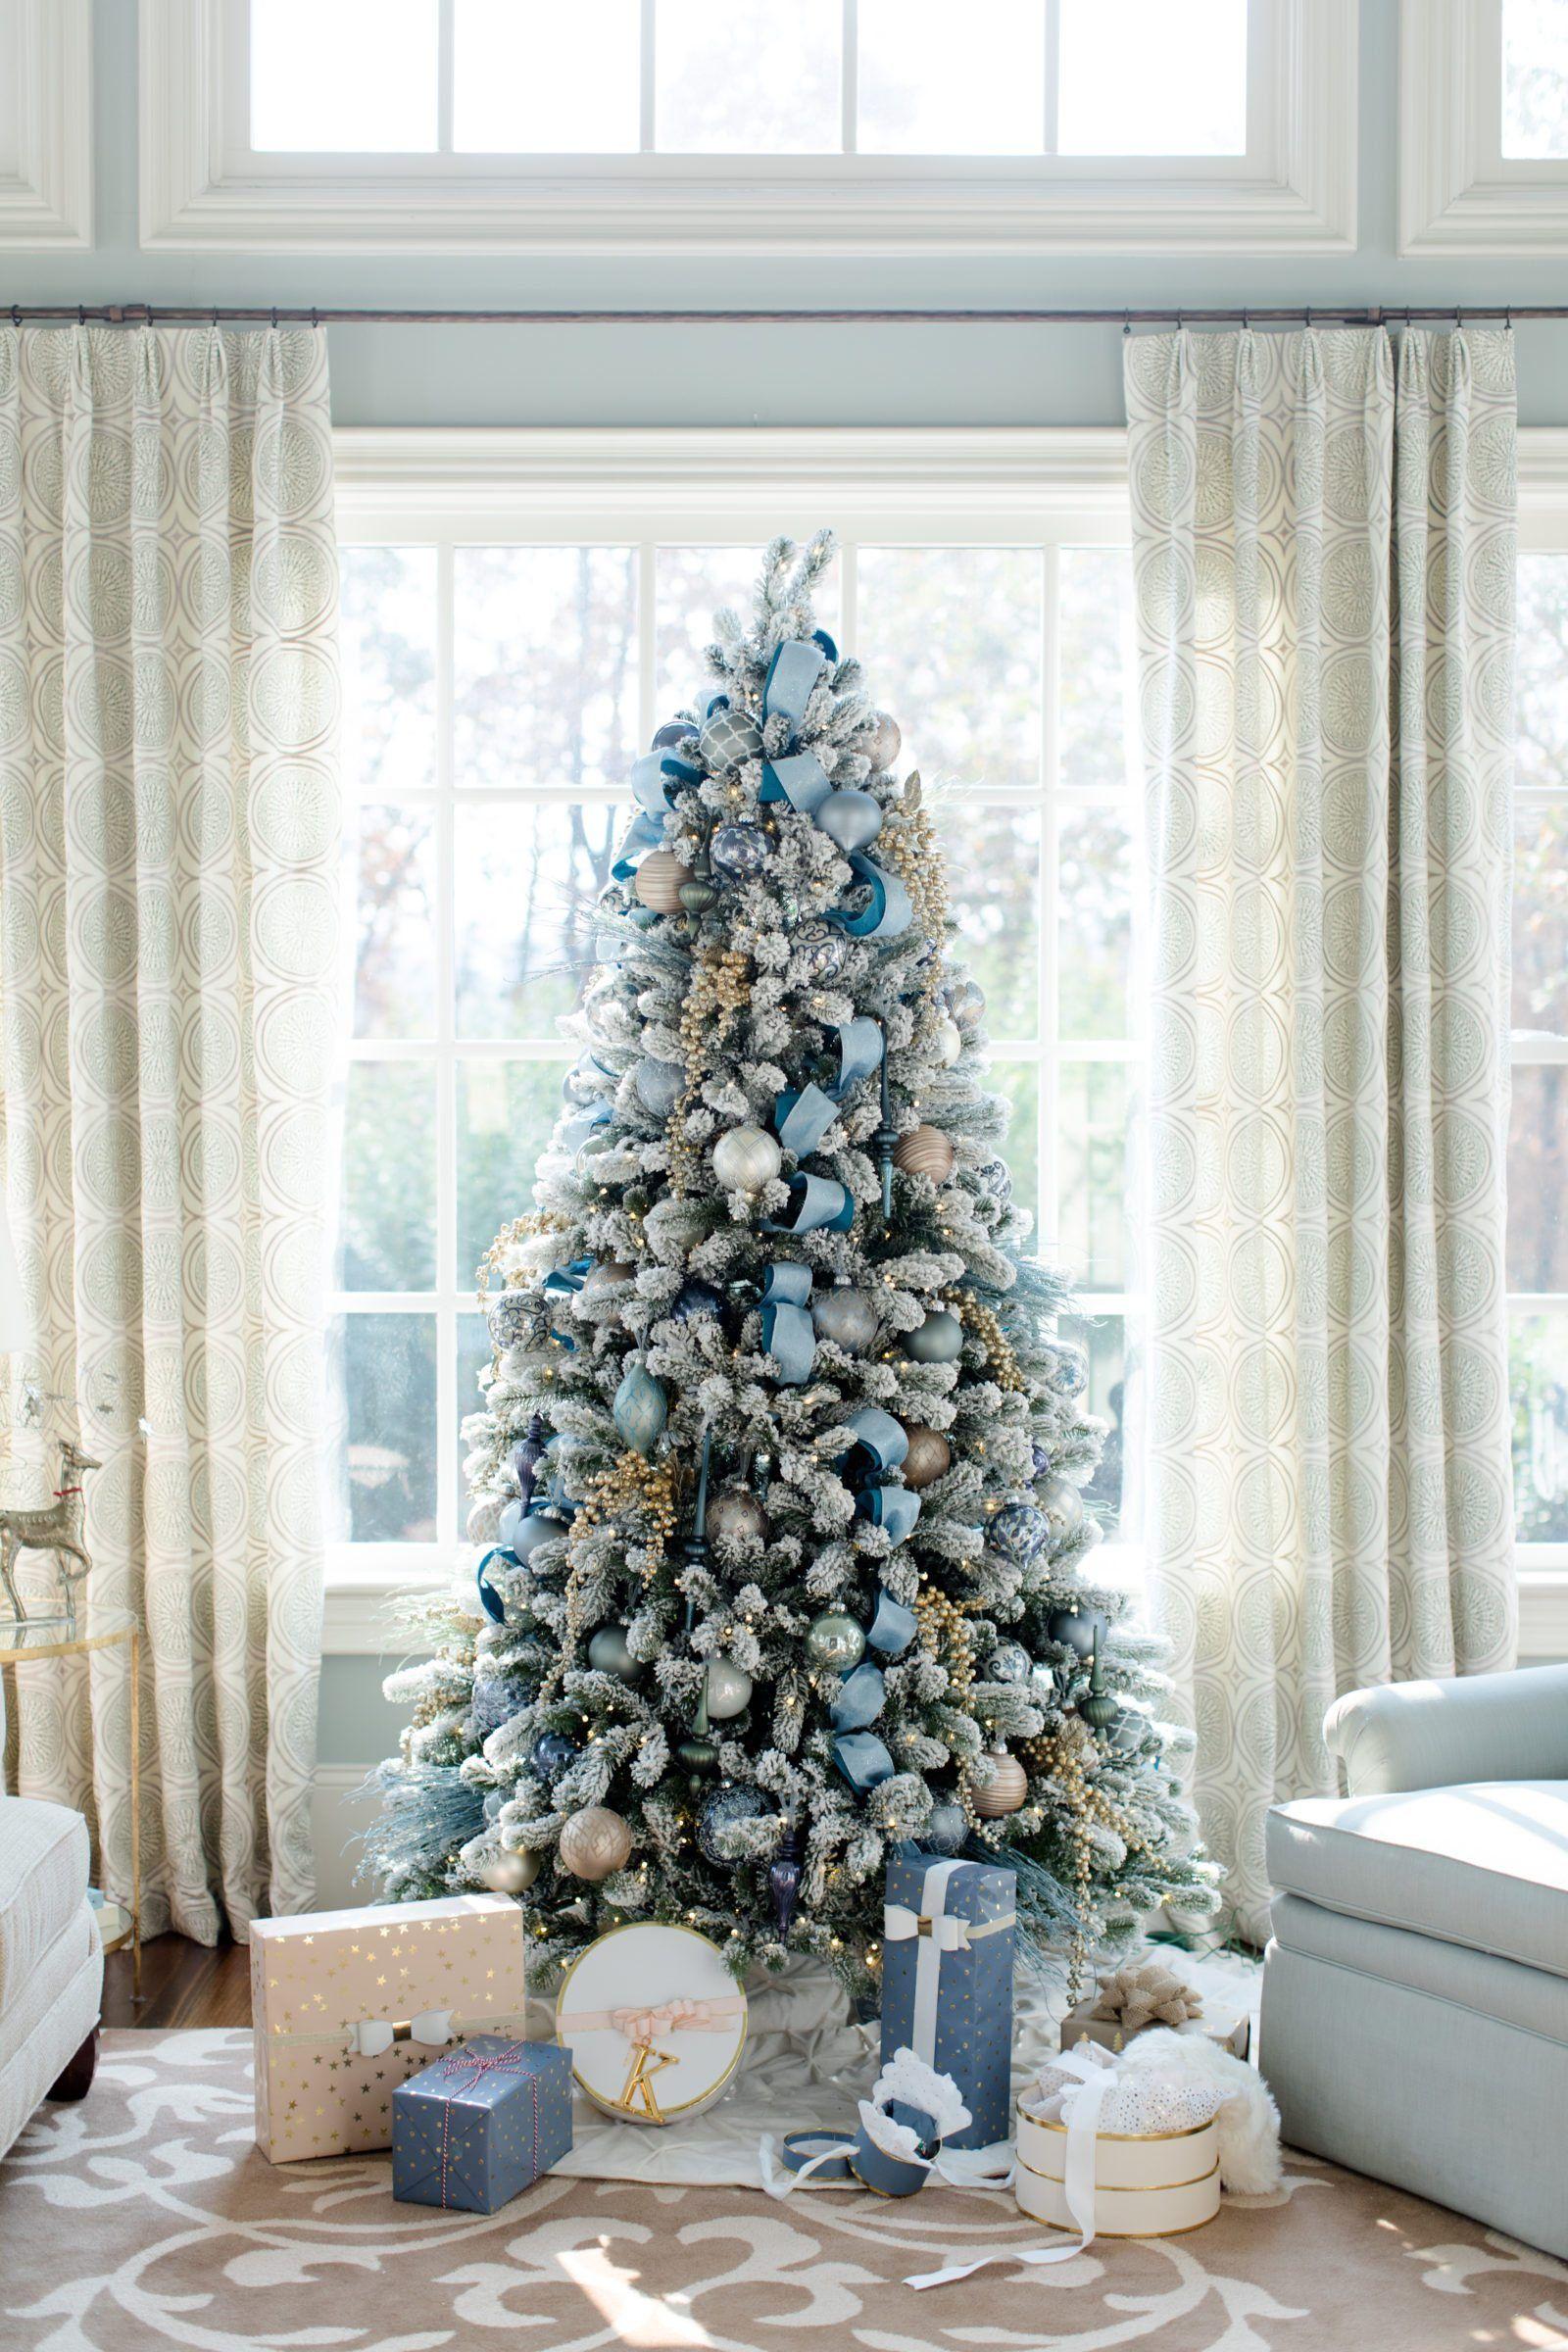 arbol con decoración exuberante en azul pastel y plateado, precioso salón decorado en los mismos tonos